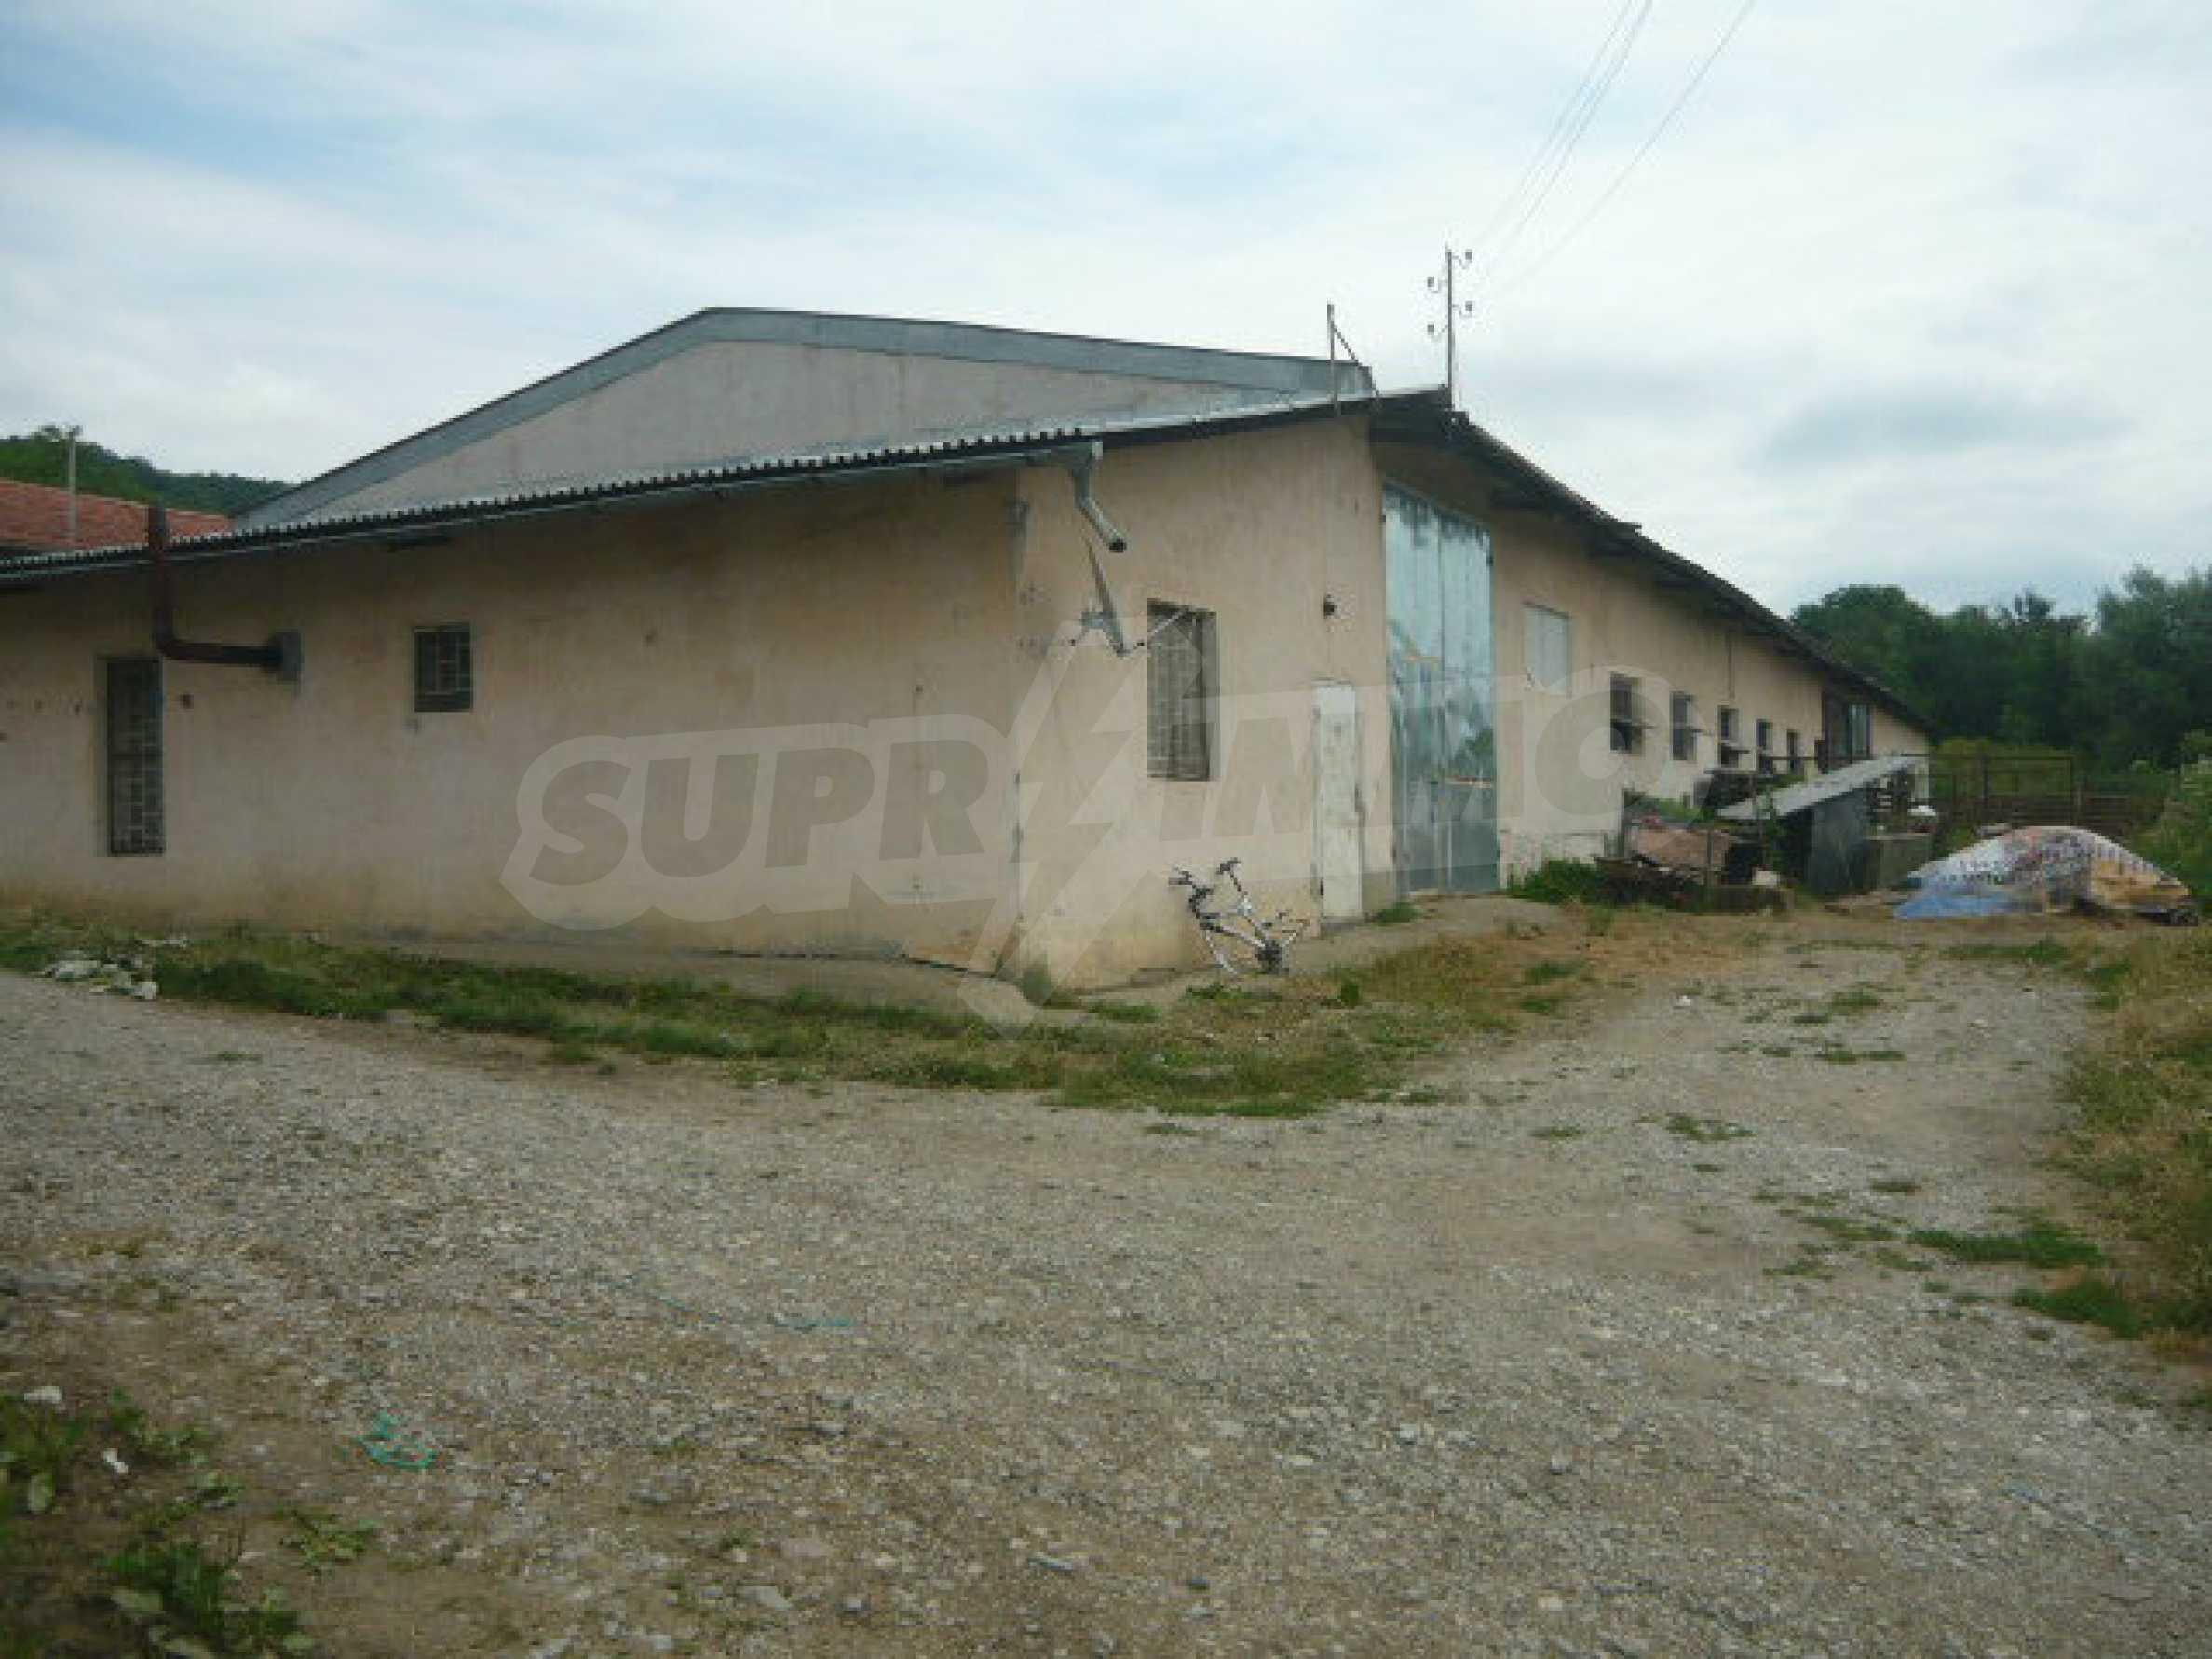 Neues Bauernhaus in einem Dorf in der Nähe von Veliko Tarnovo 20